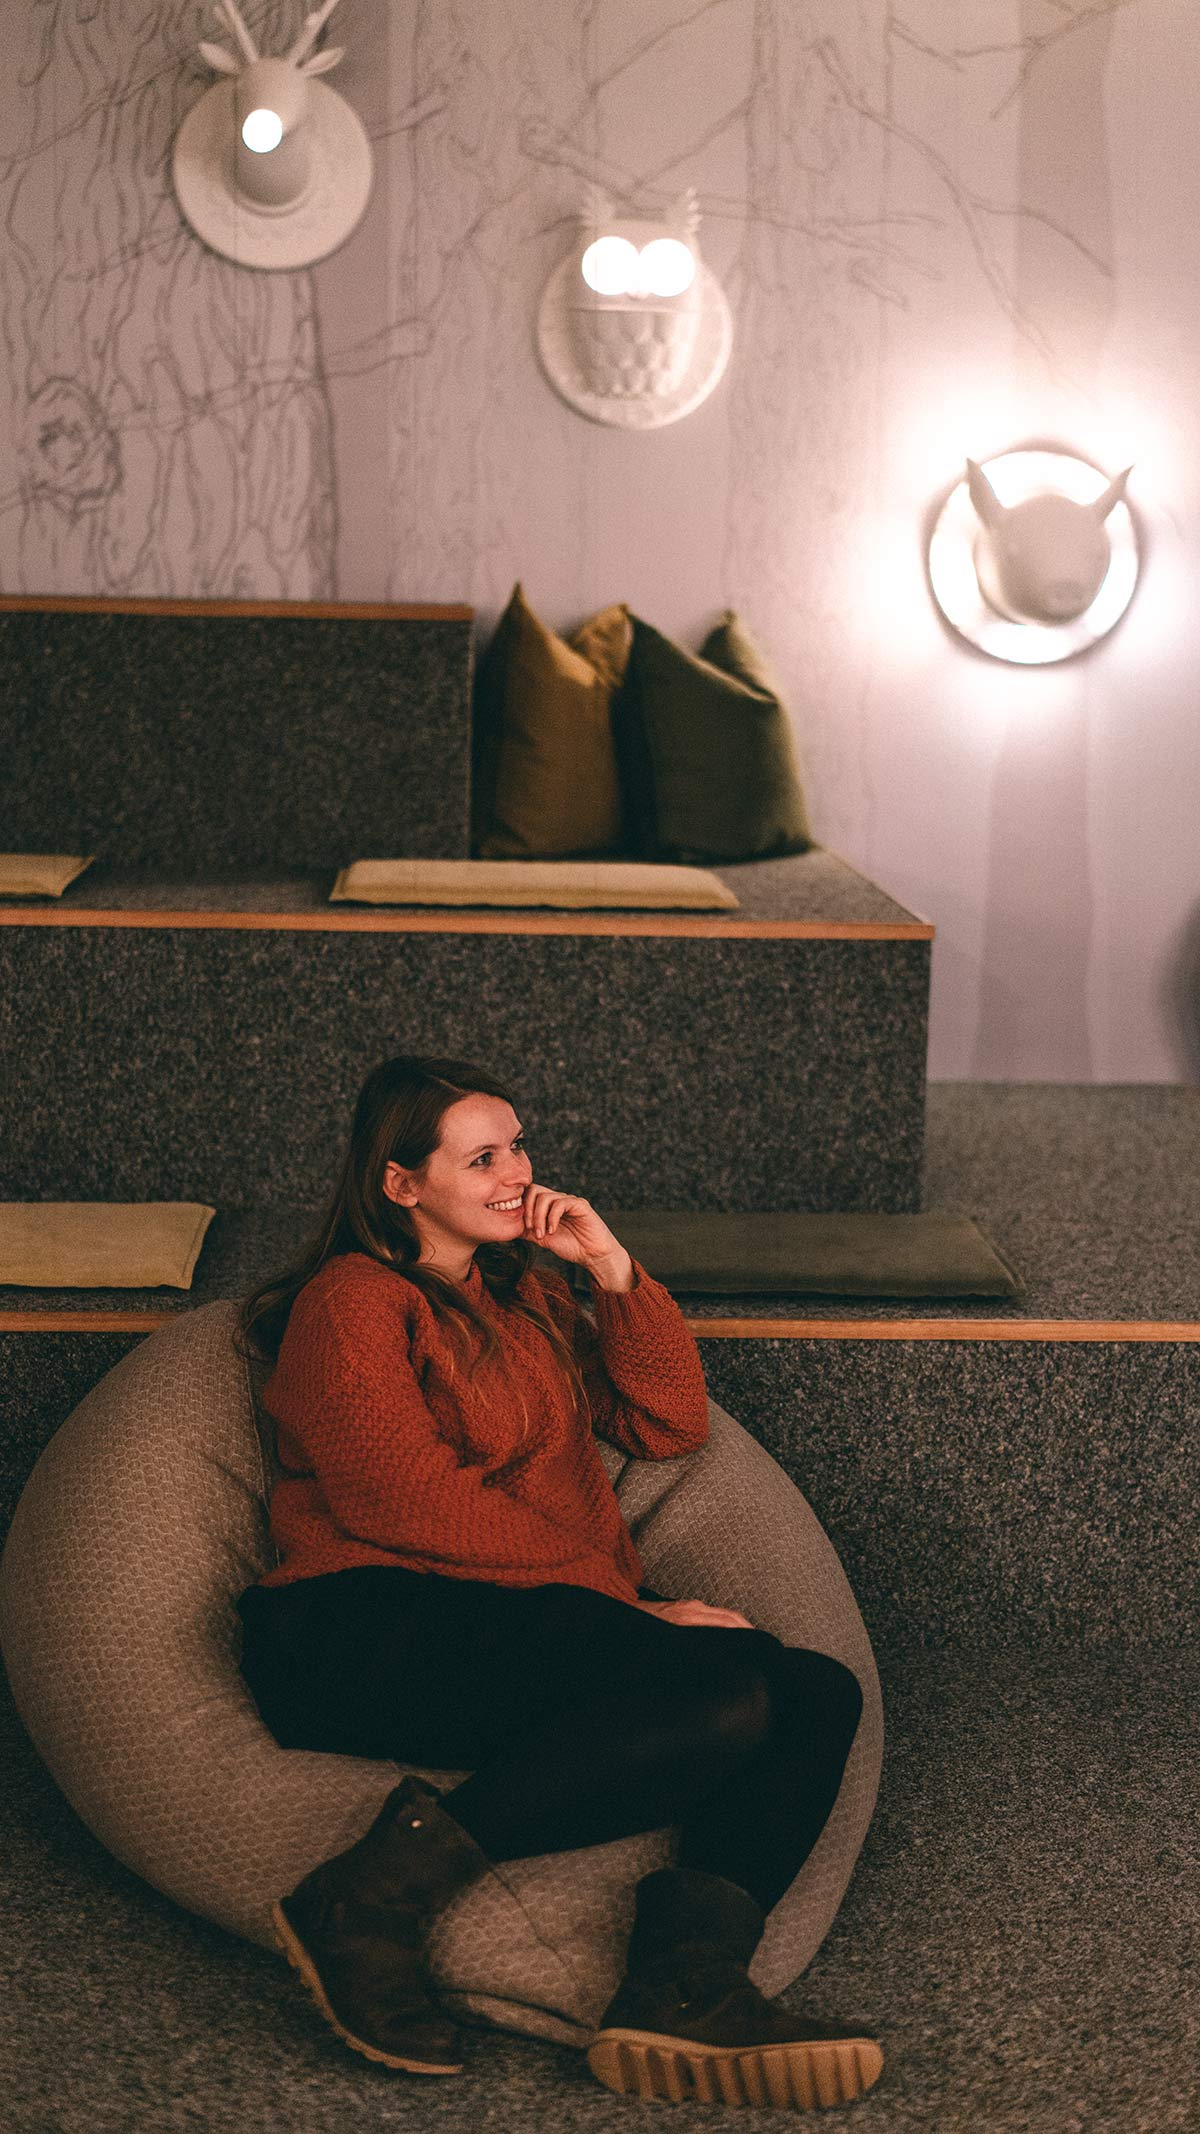 Hotel Tofana Alta Badia Medienraum Gemeinschaftsraum